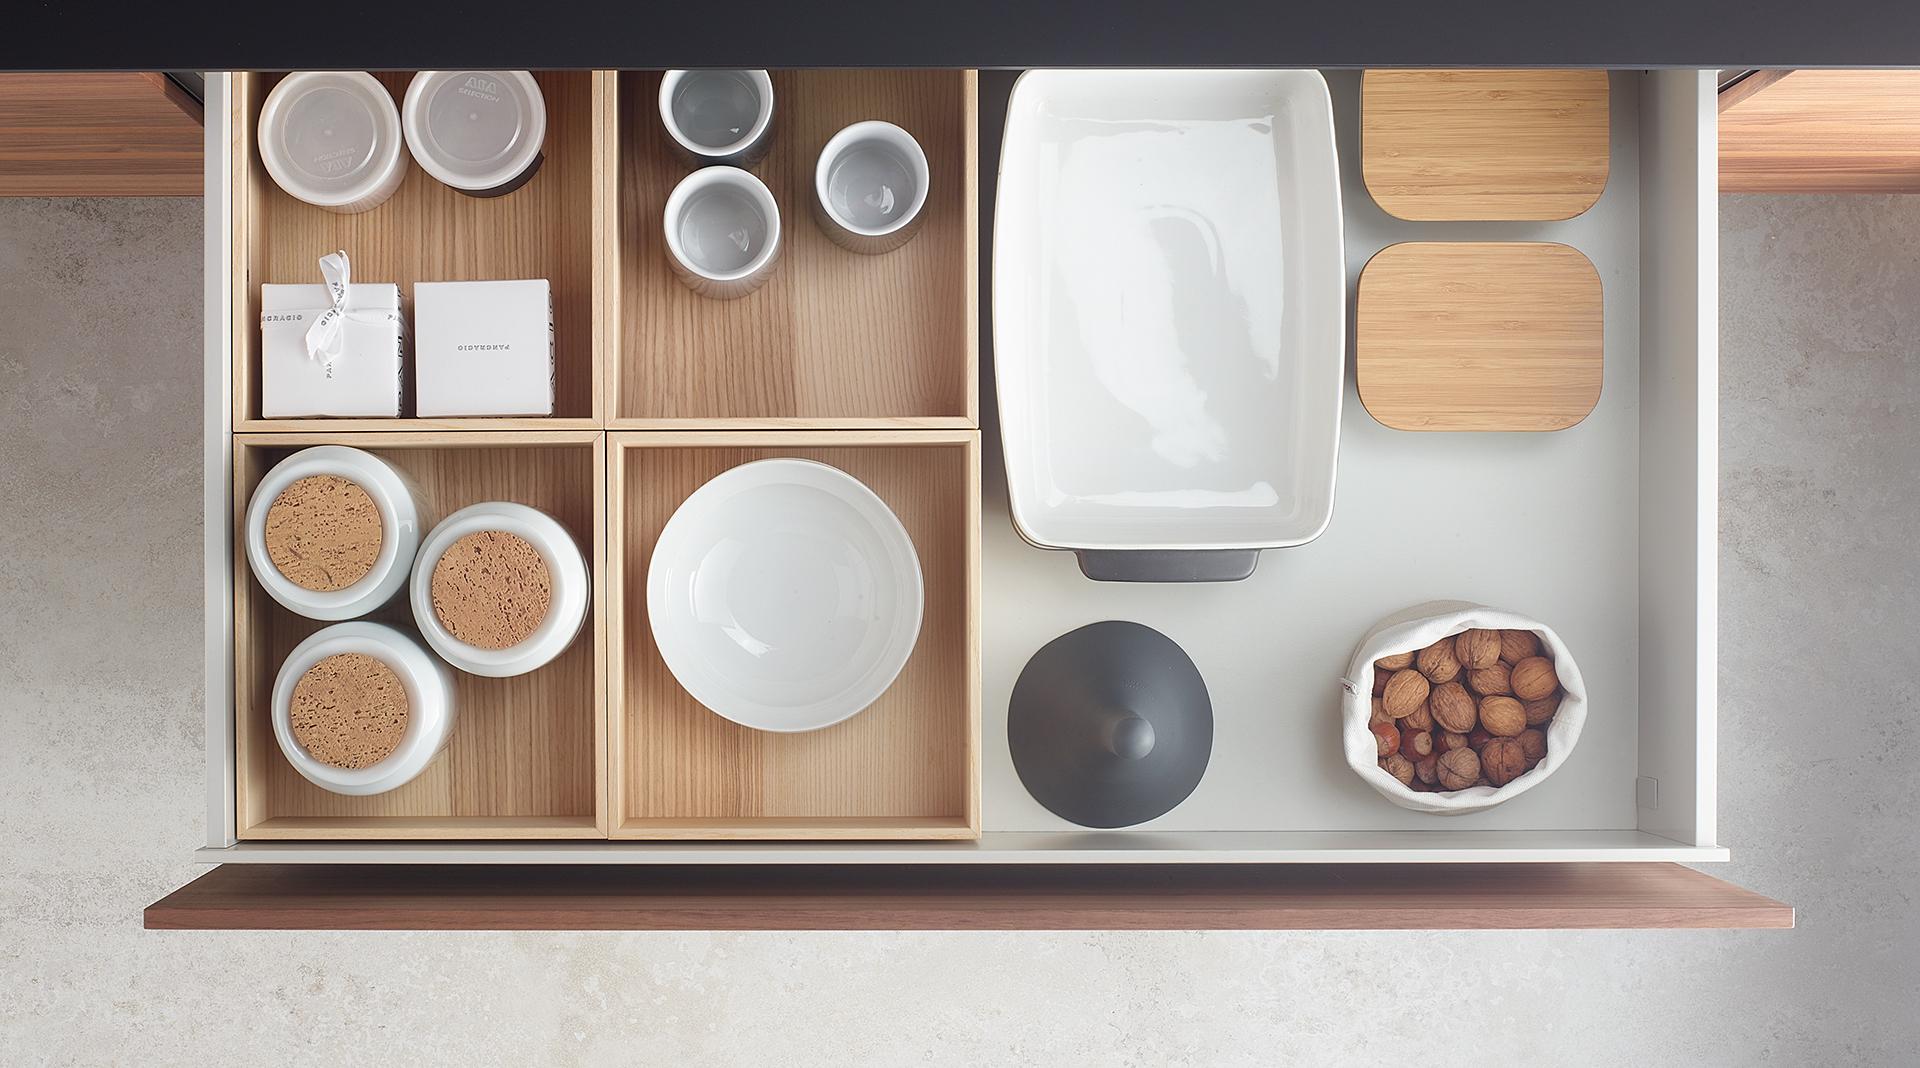 Accesorios extraibles para muebles de cocina Santos